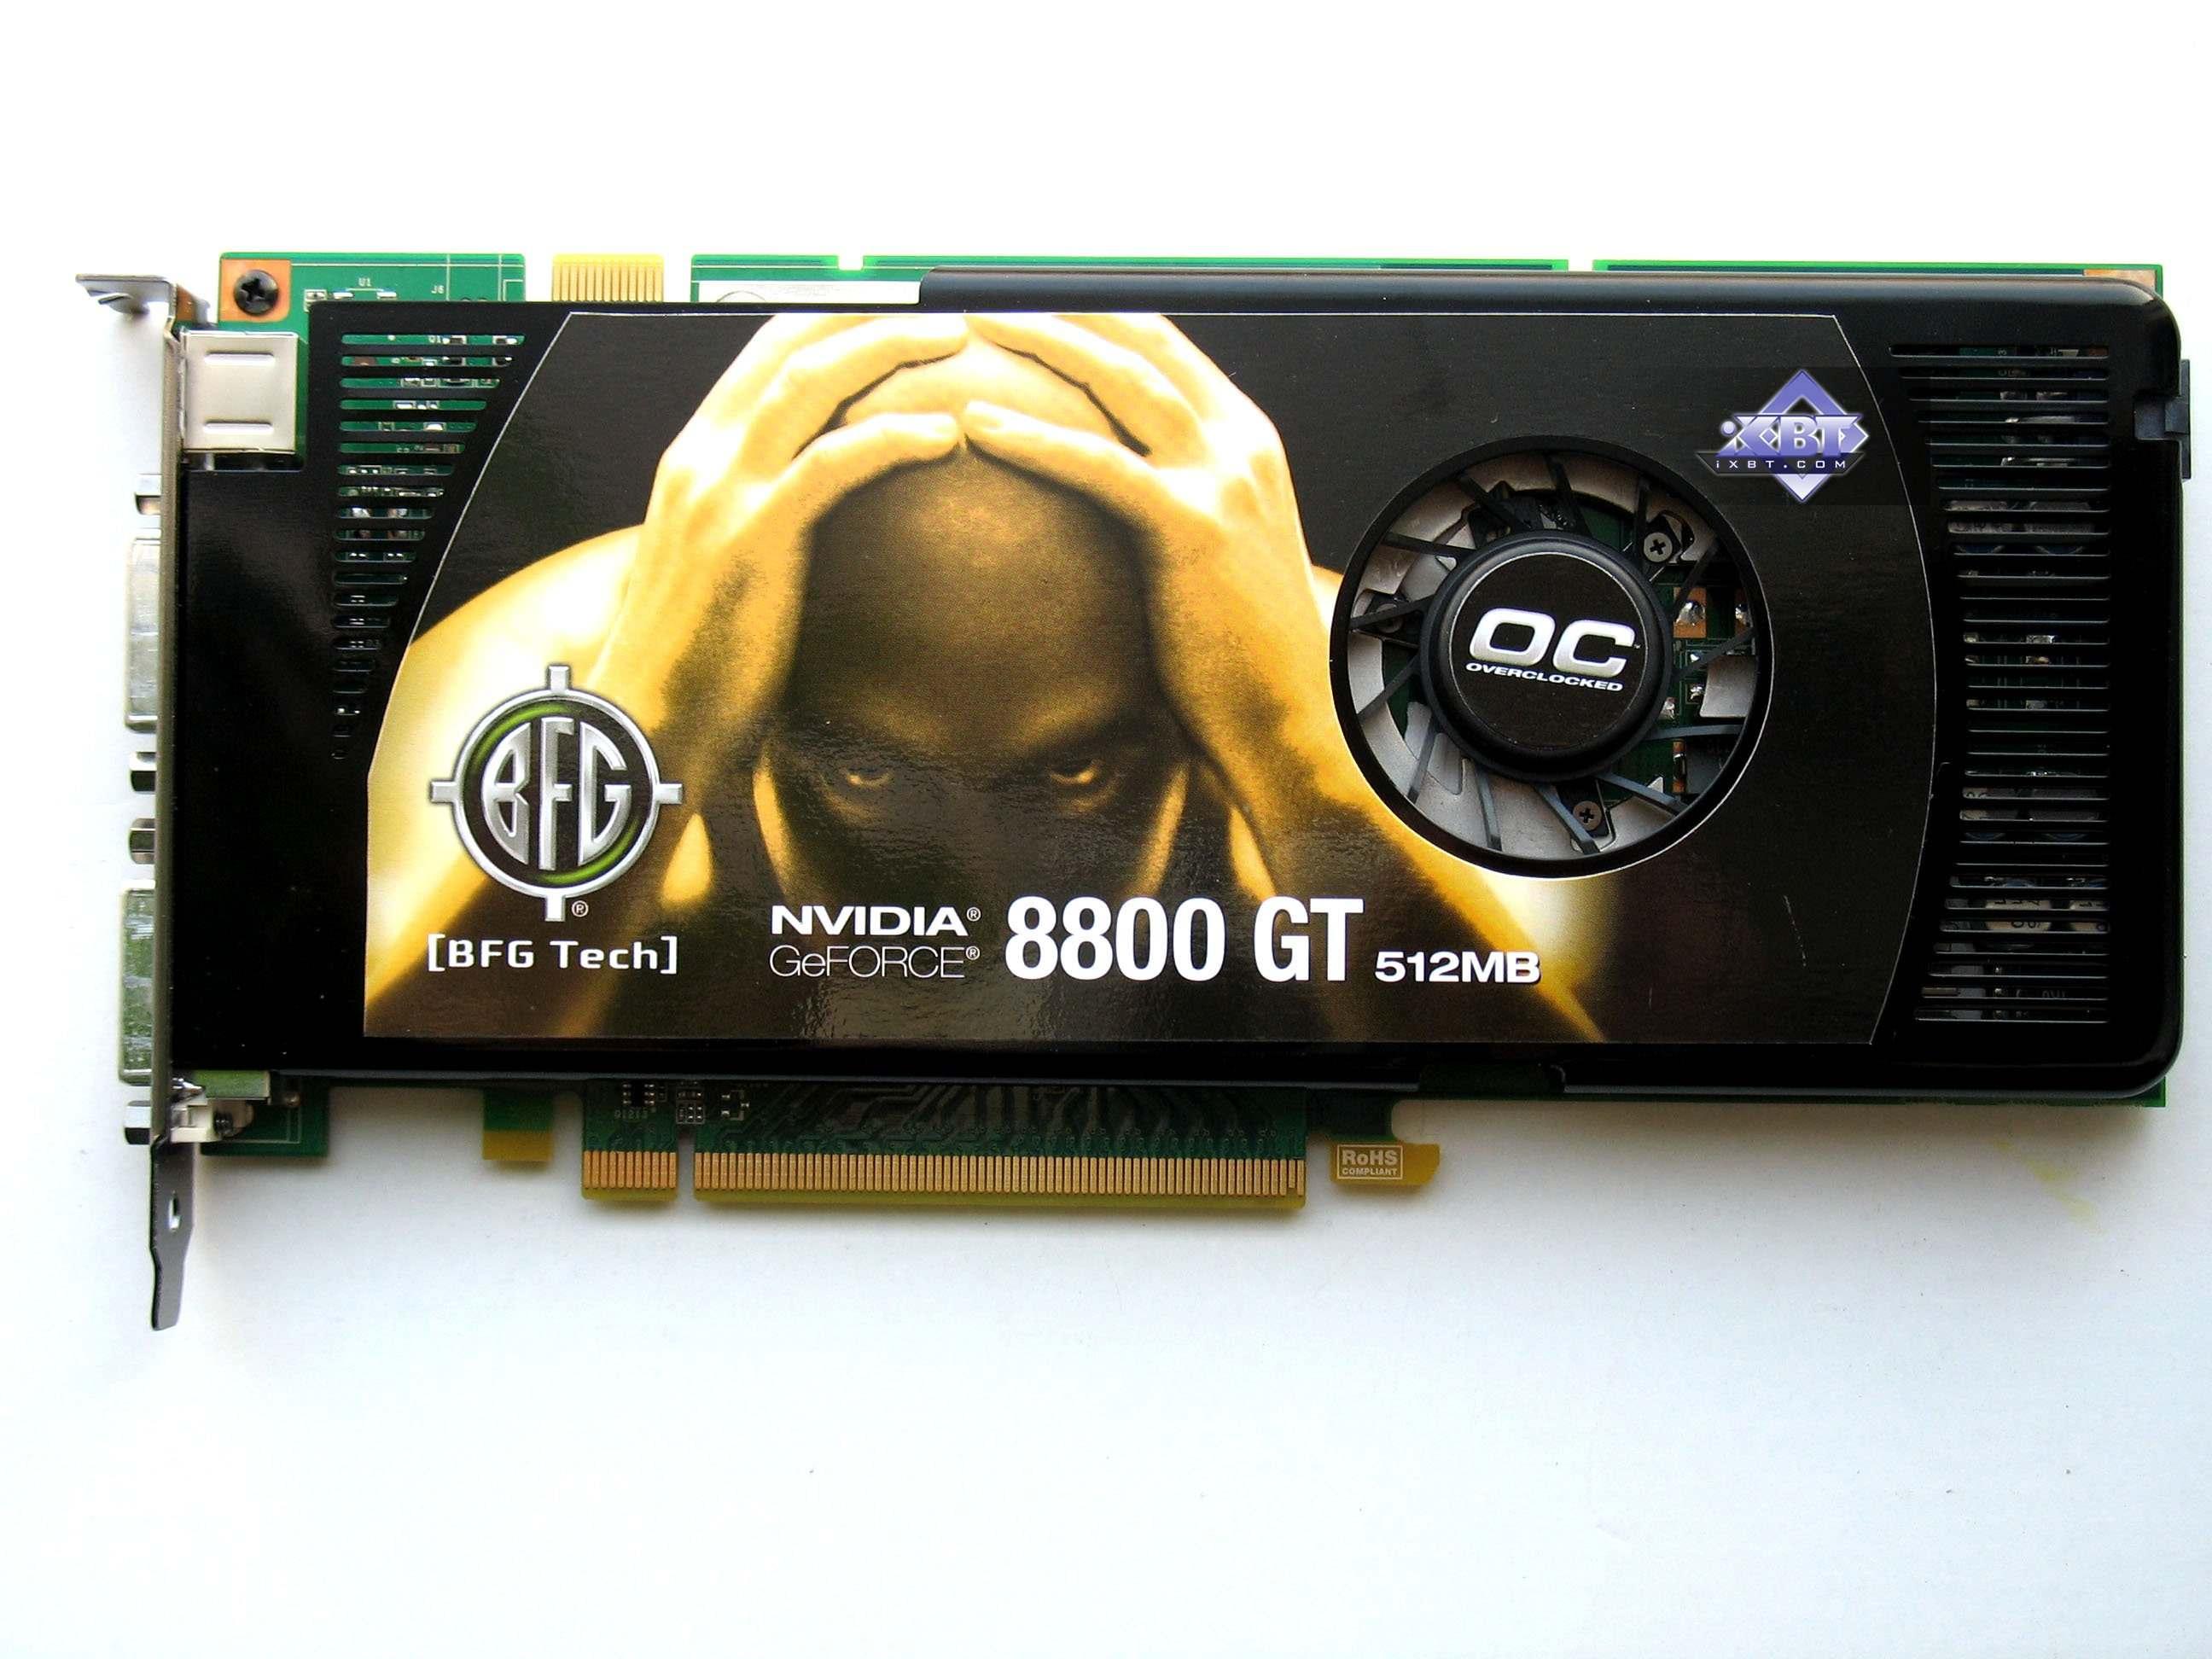 BFG GeForce 8800 GT OC G92 512MB PCI E